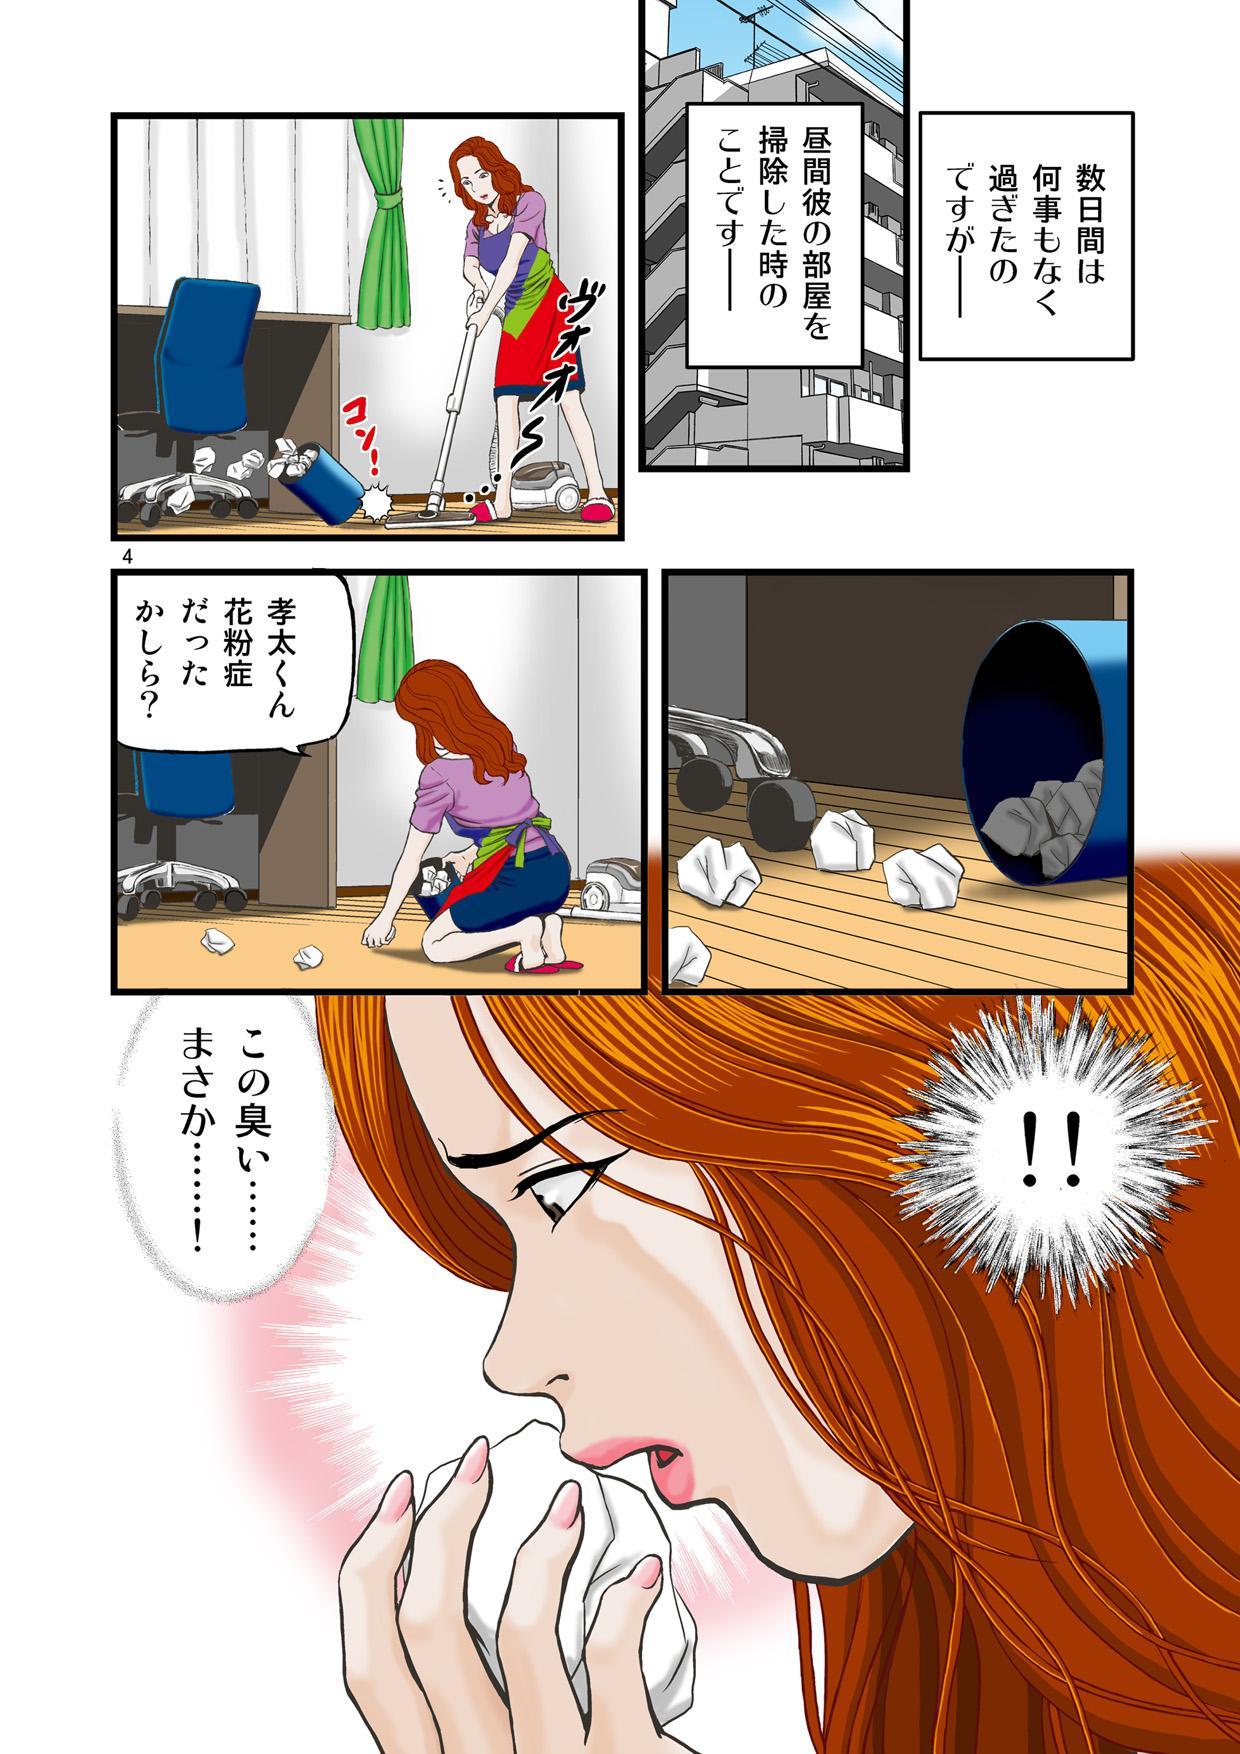 Watashi wa Jukensei no Oi to Kankei o Motte Shimaimashita. 3